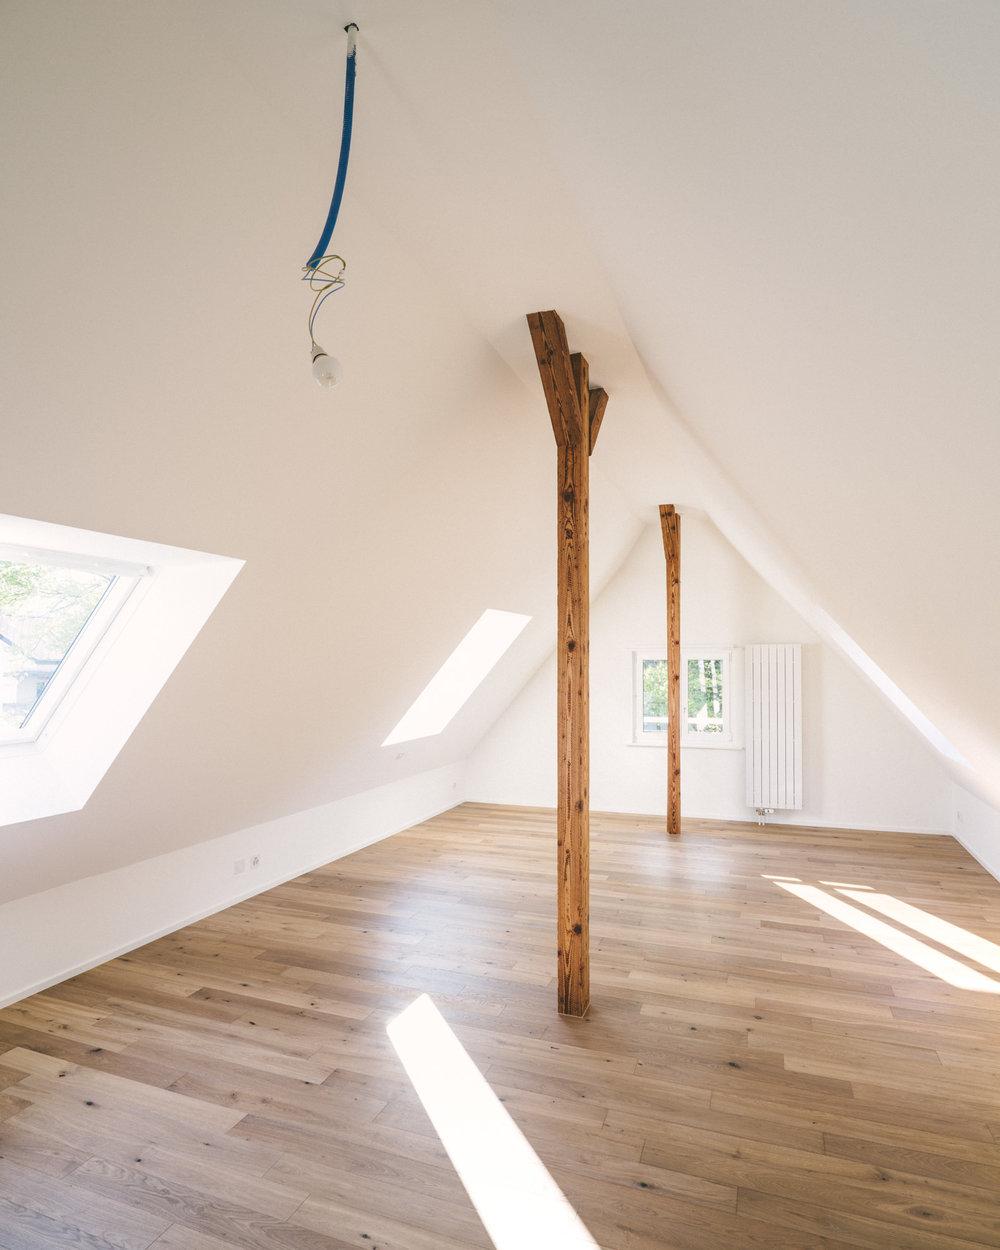 Umbau Arlesheim Dachausbau, Consilium Architektur und Baumanagement